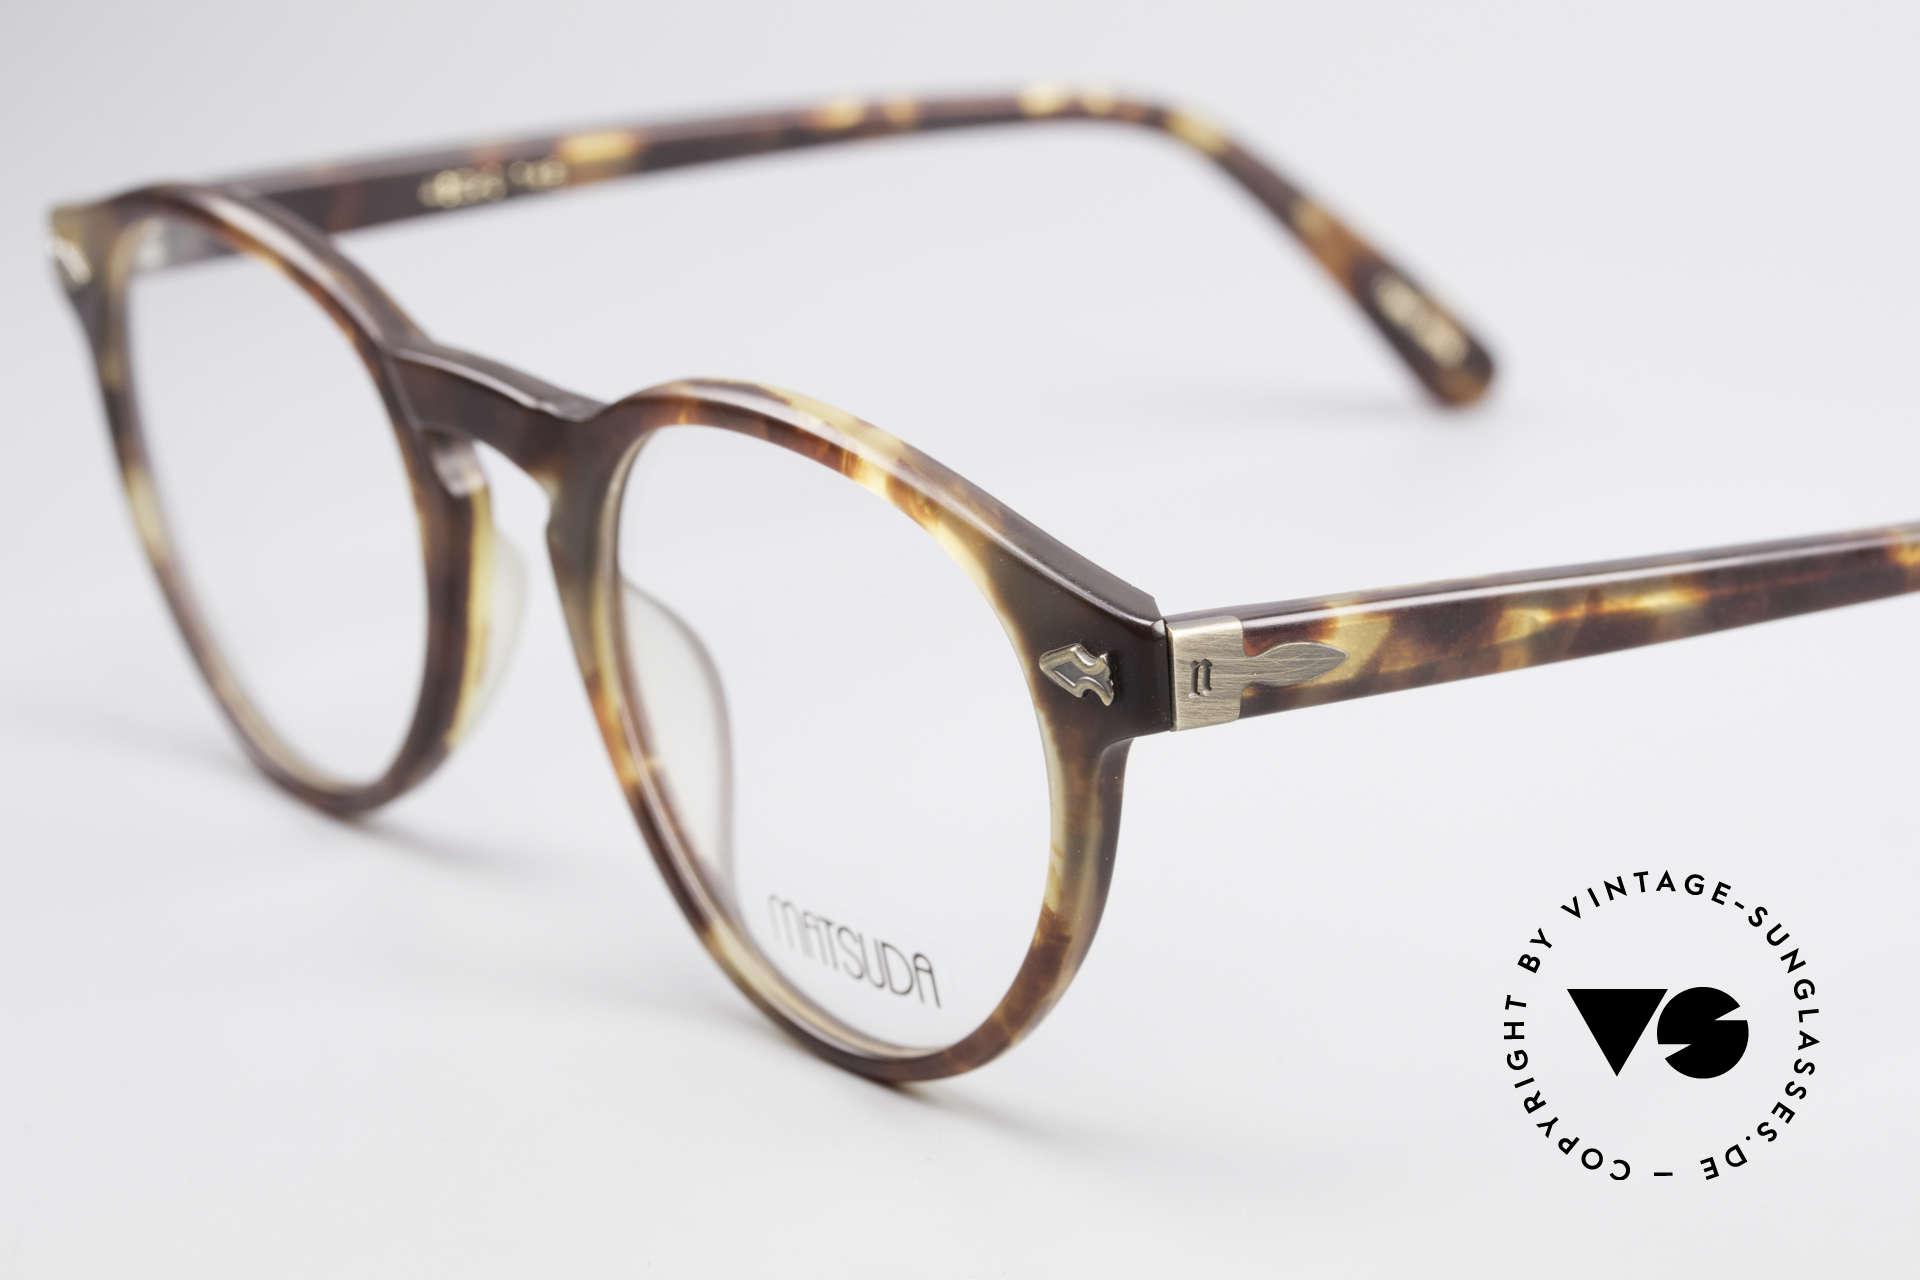 Matsuda 2303 Panto Vintage Designerbrille, mit aufwendigen; subtilen Gravuren / Verzierungen, Passend für Herren und Damen